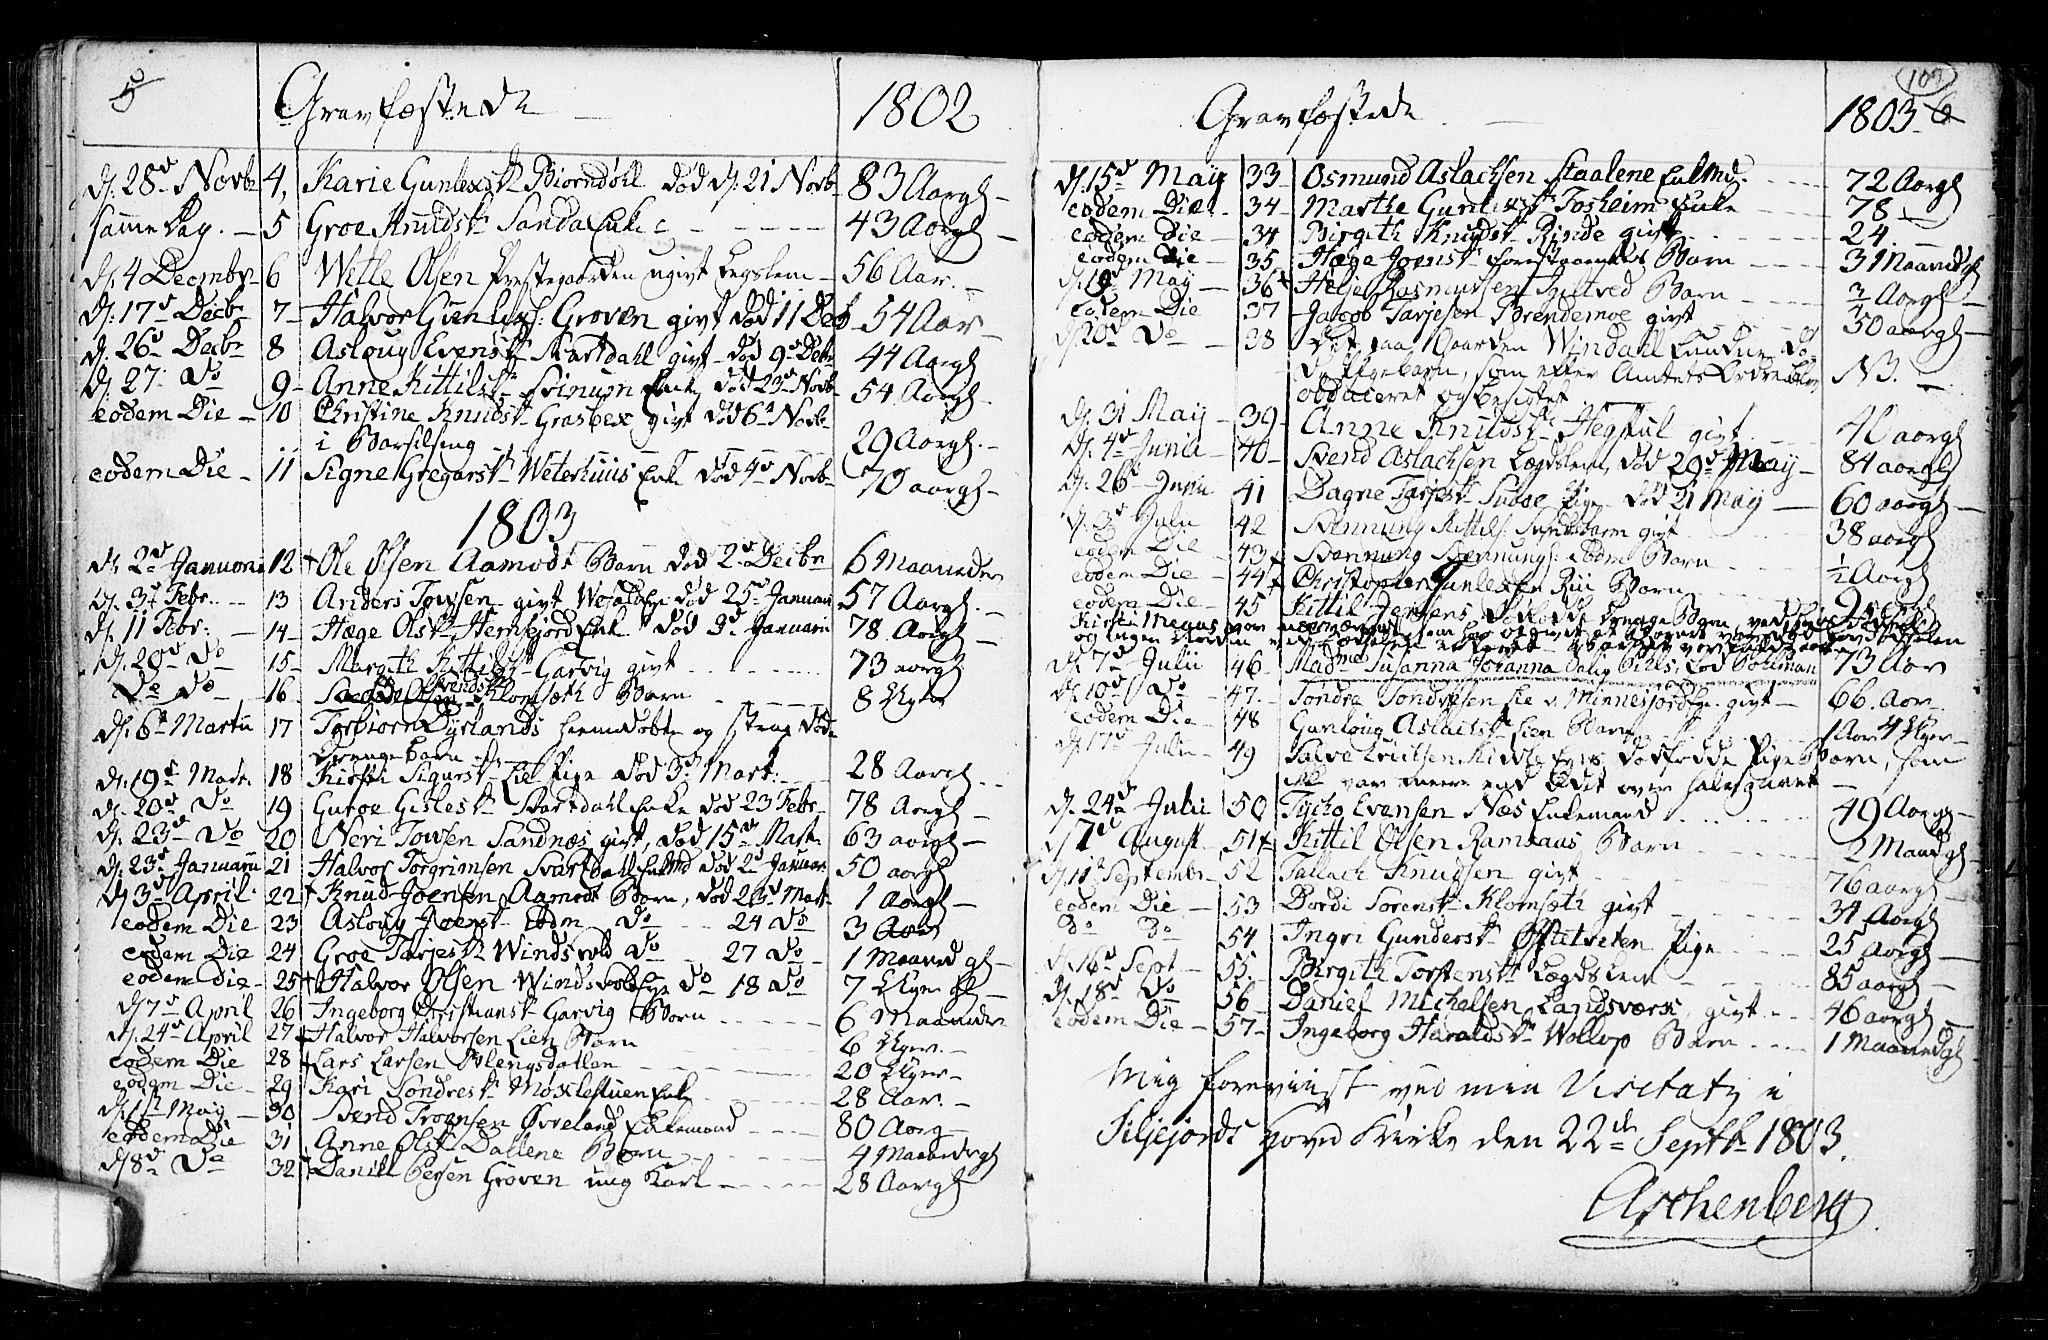 SAKO, Seljord kirkebøker, F/Fa/L0008: Ministerialbok nr. I 8, 1755-1814, s. 109